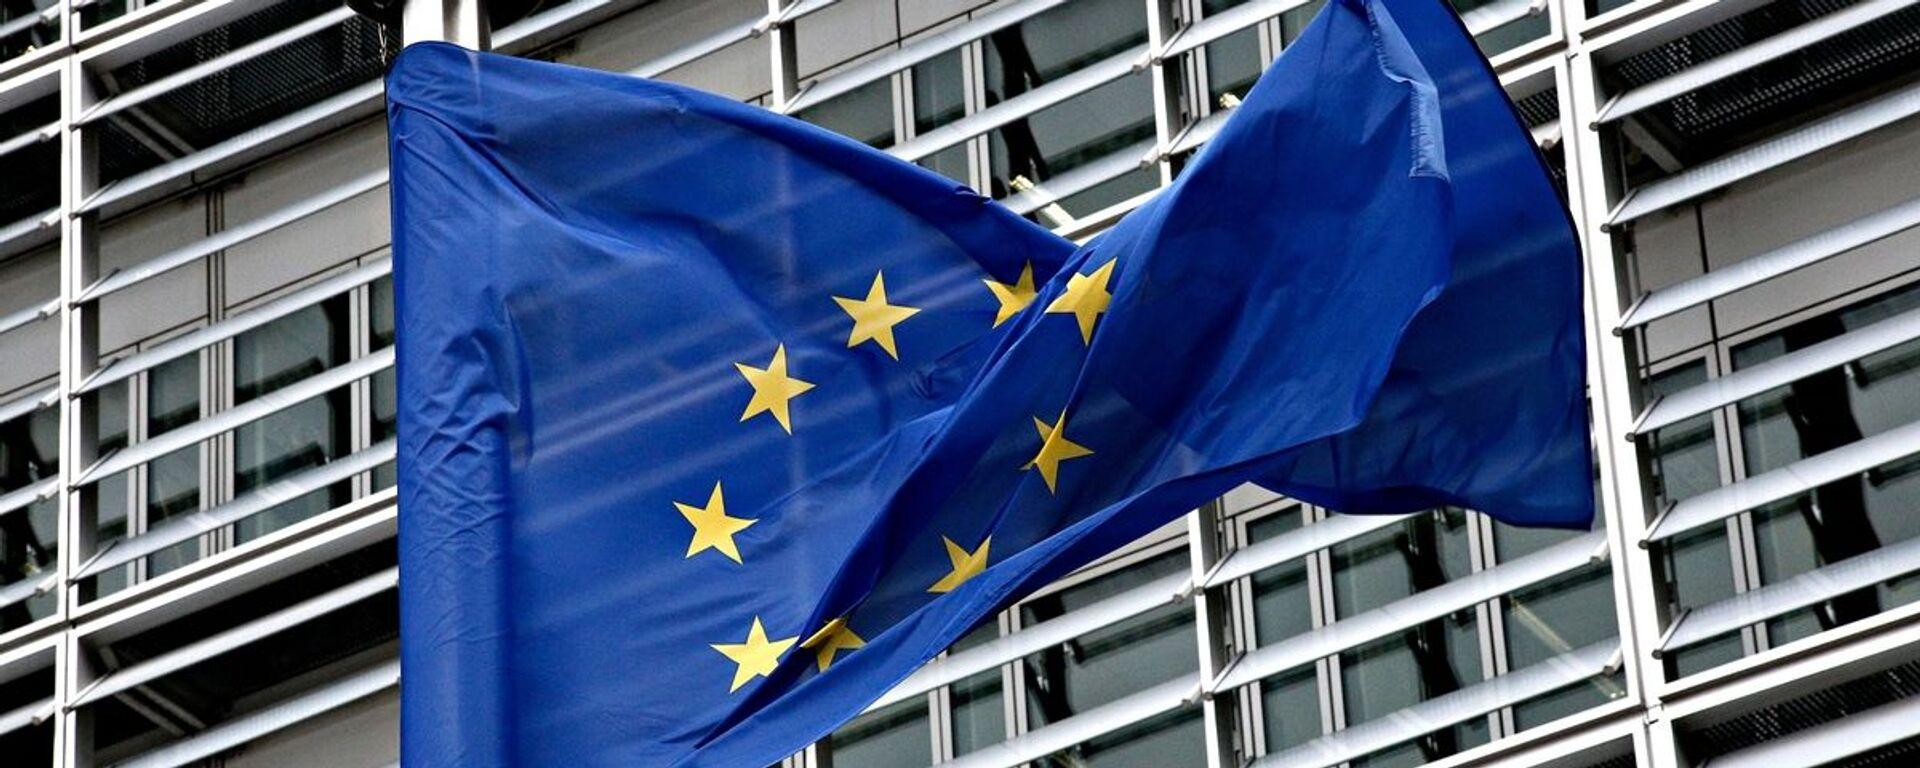 Η σημαία της Ευρωπαϊκής Ένωσης - Sputnik Ελλάδα, 1920, 17.09.2021